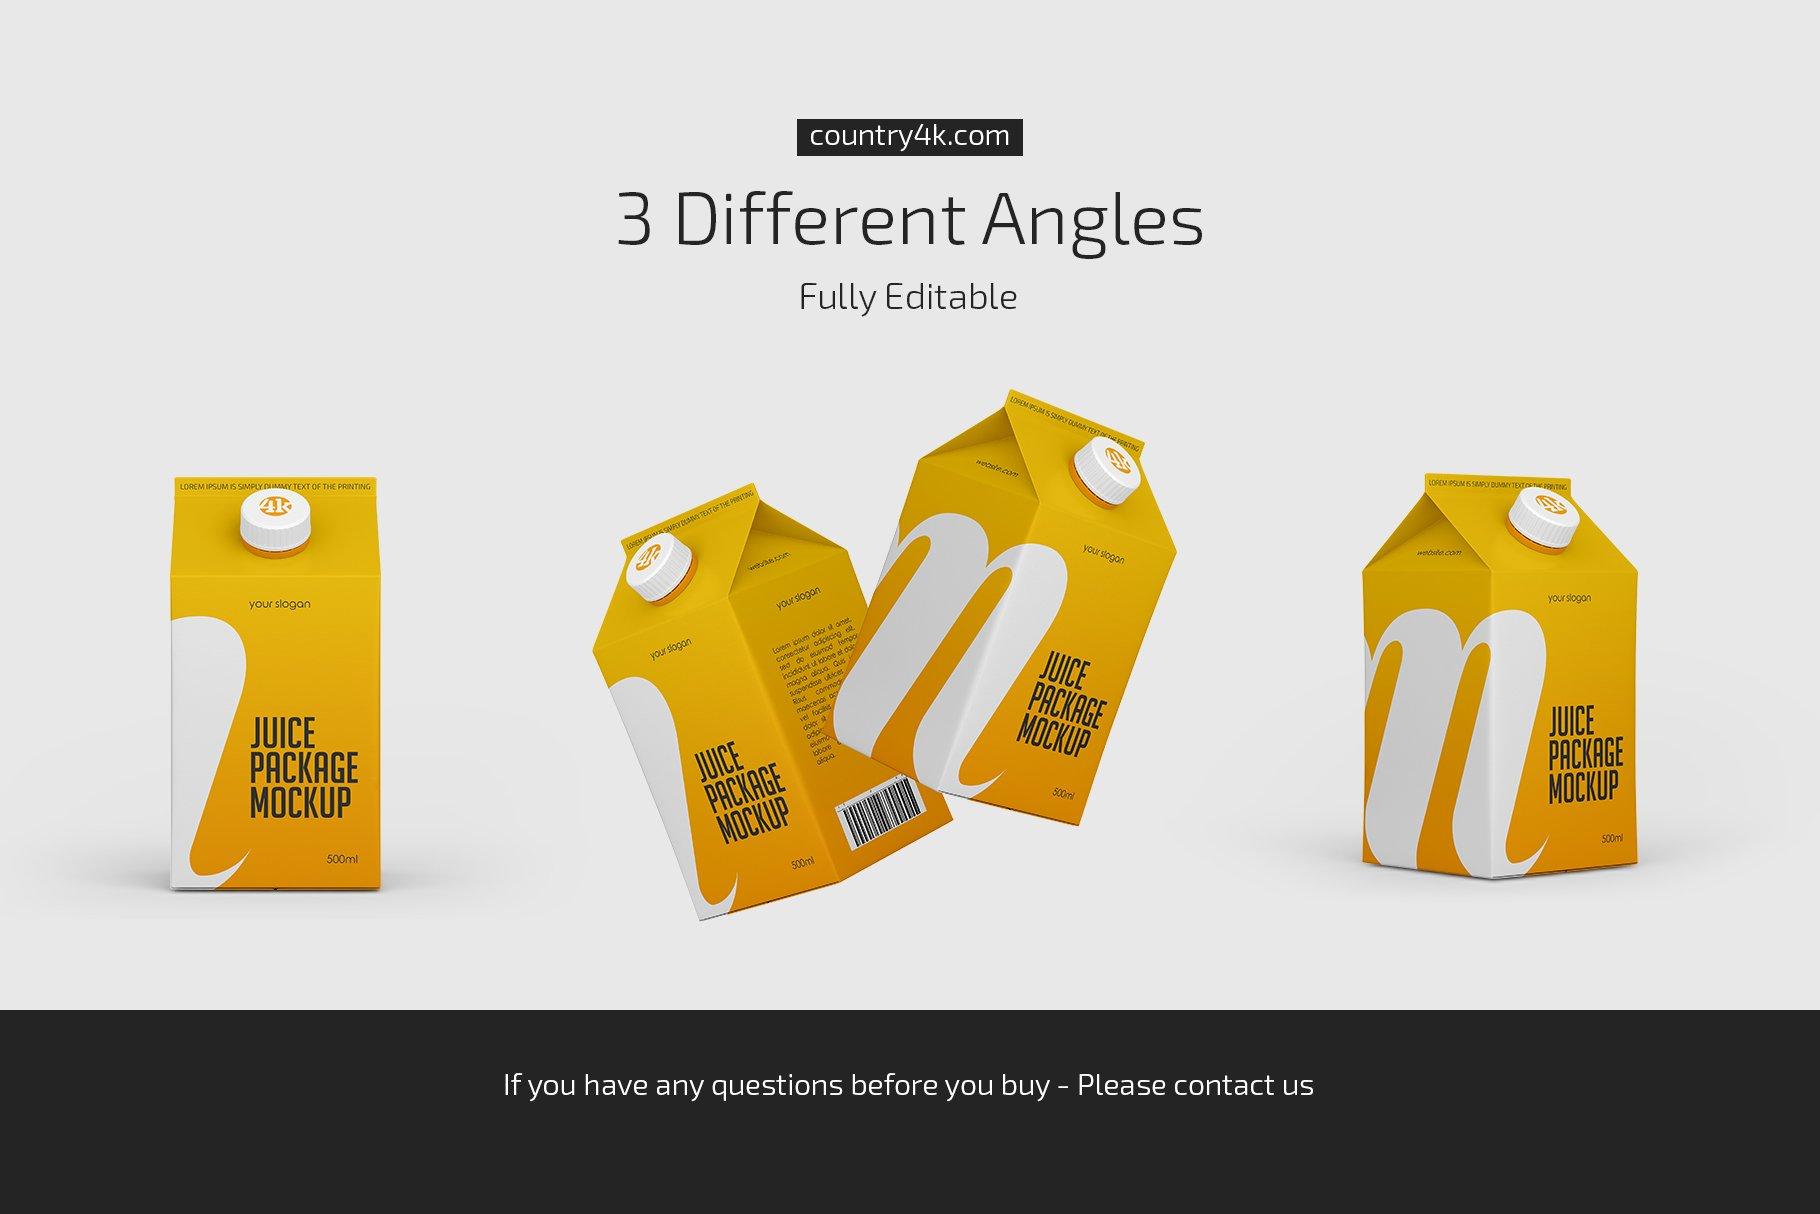 500毫升哑光果汁纸盒包装样机套装 500ml Juice Carton Package Mockup插图(3)